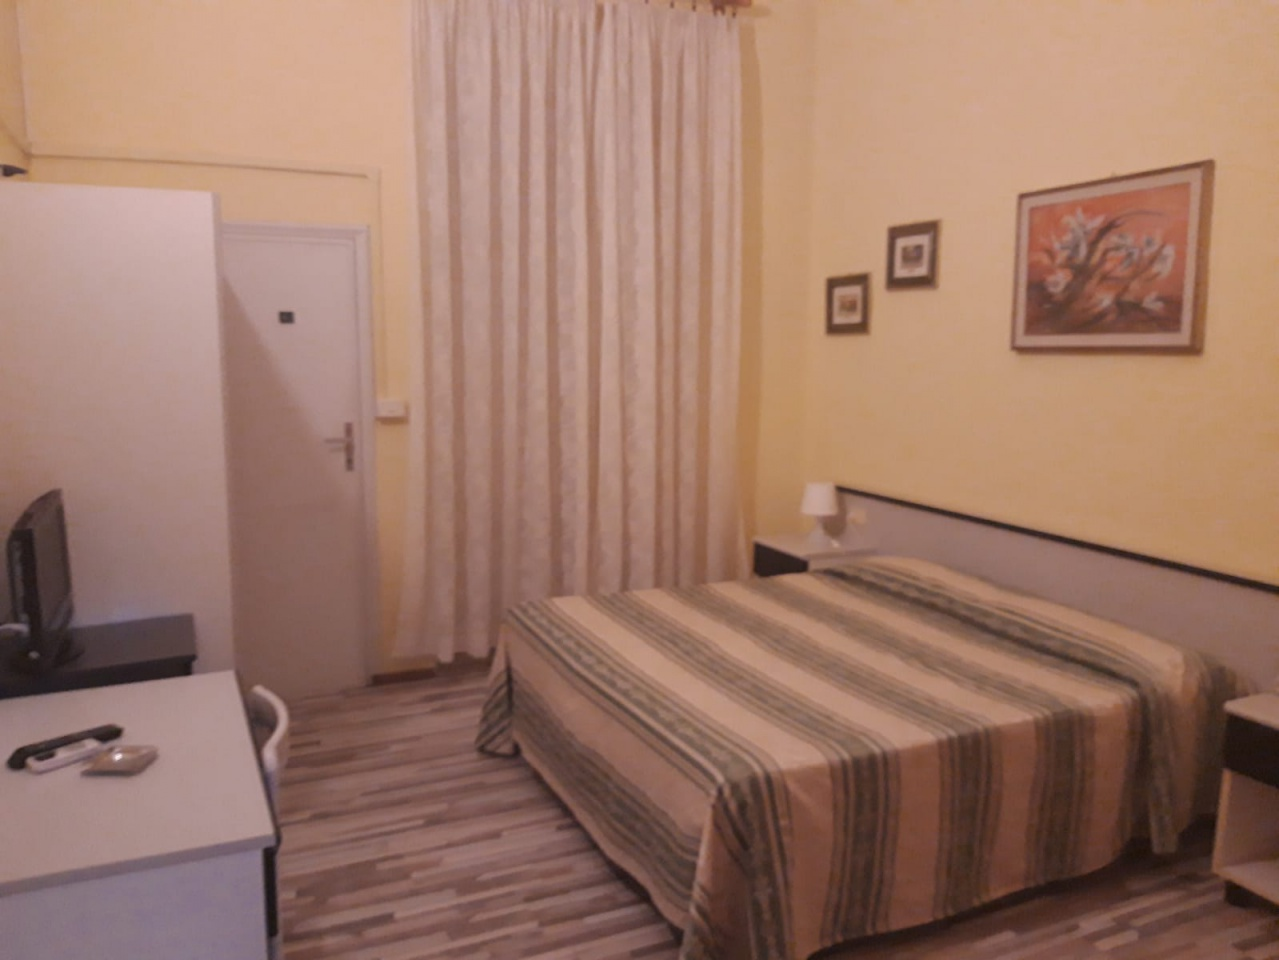 Albergo in vendita a Viareggio, 18 locali, prezzo € 280.000 | CambioCasa.it